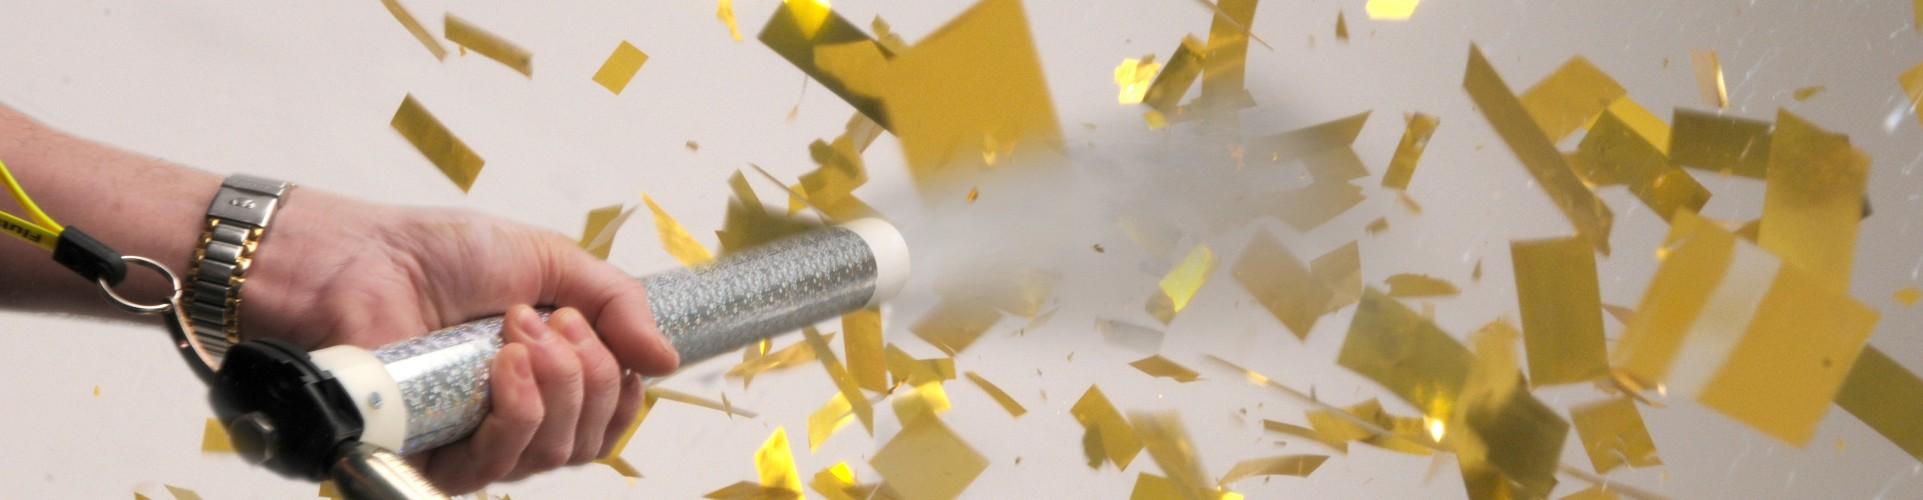 relkoadable confetti cannon shooting gold confetti